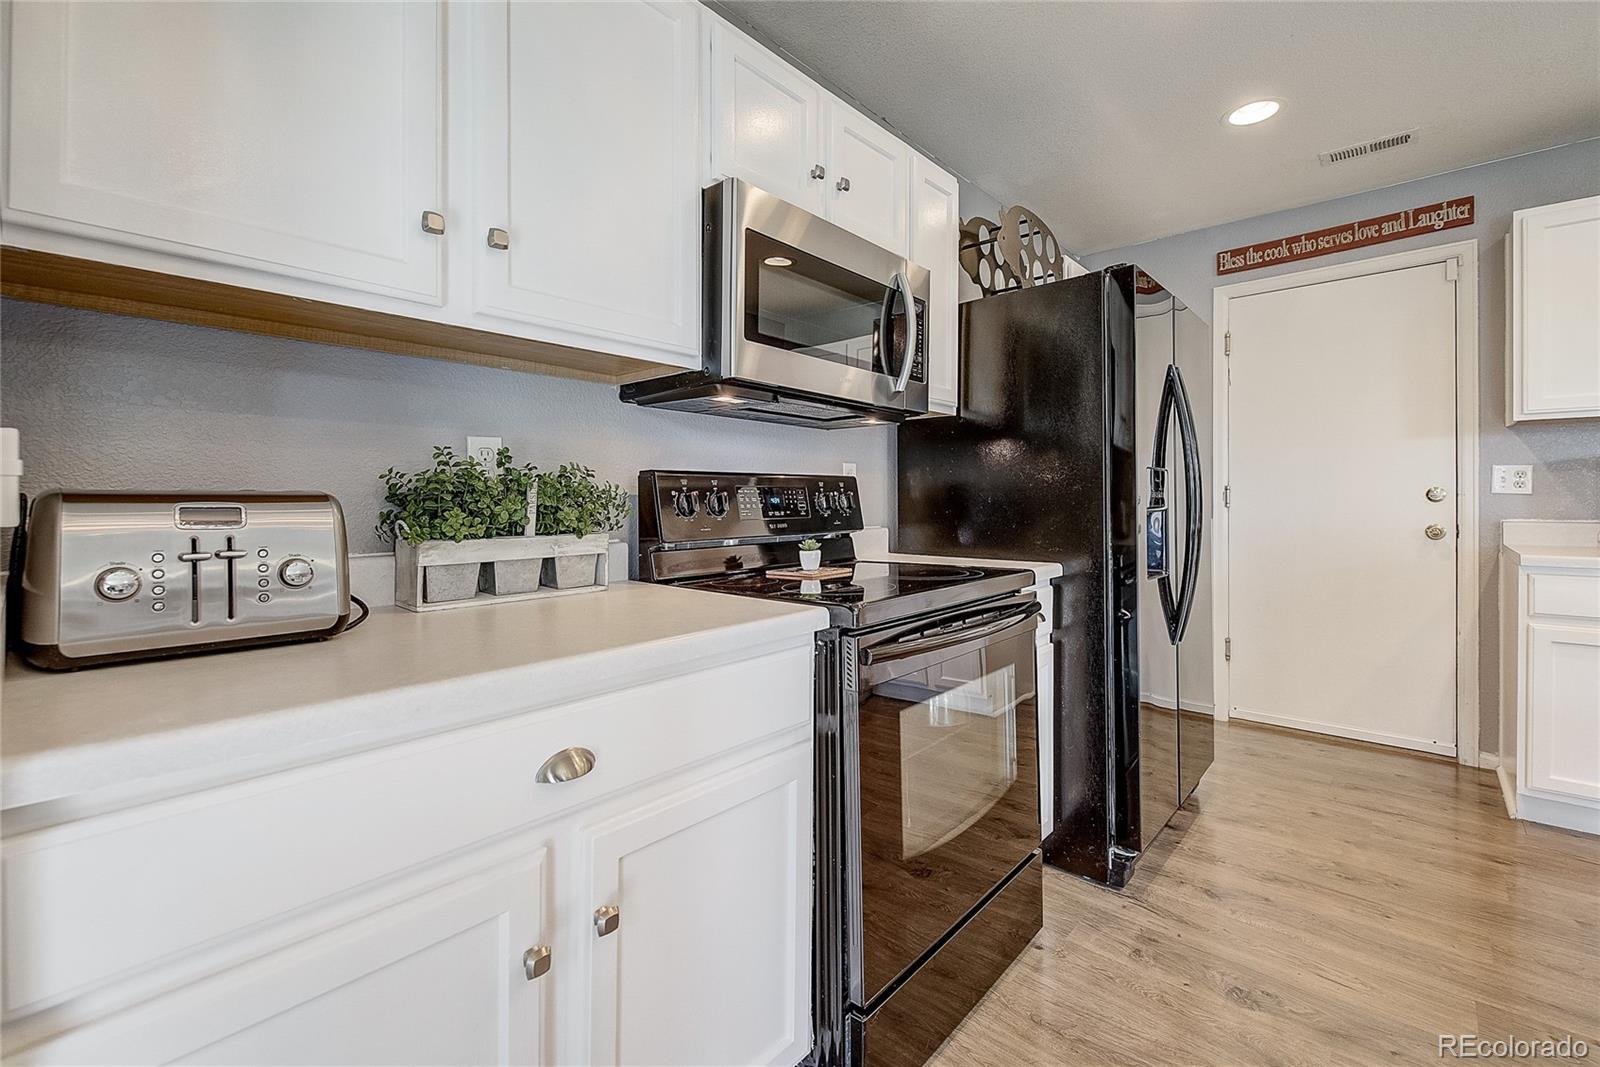 MLS# 5958307 - 13 - 10683 Butte Drive, Longmont, CO 80504